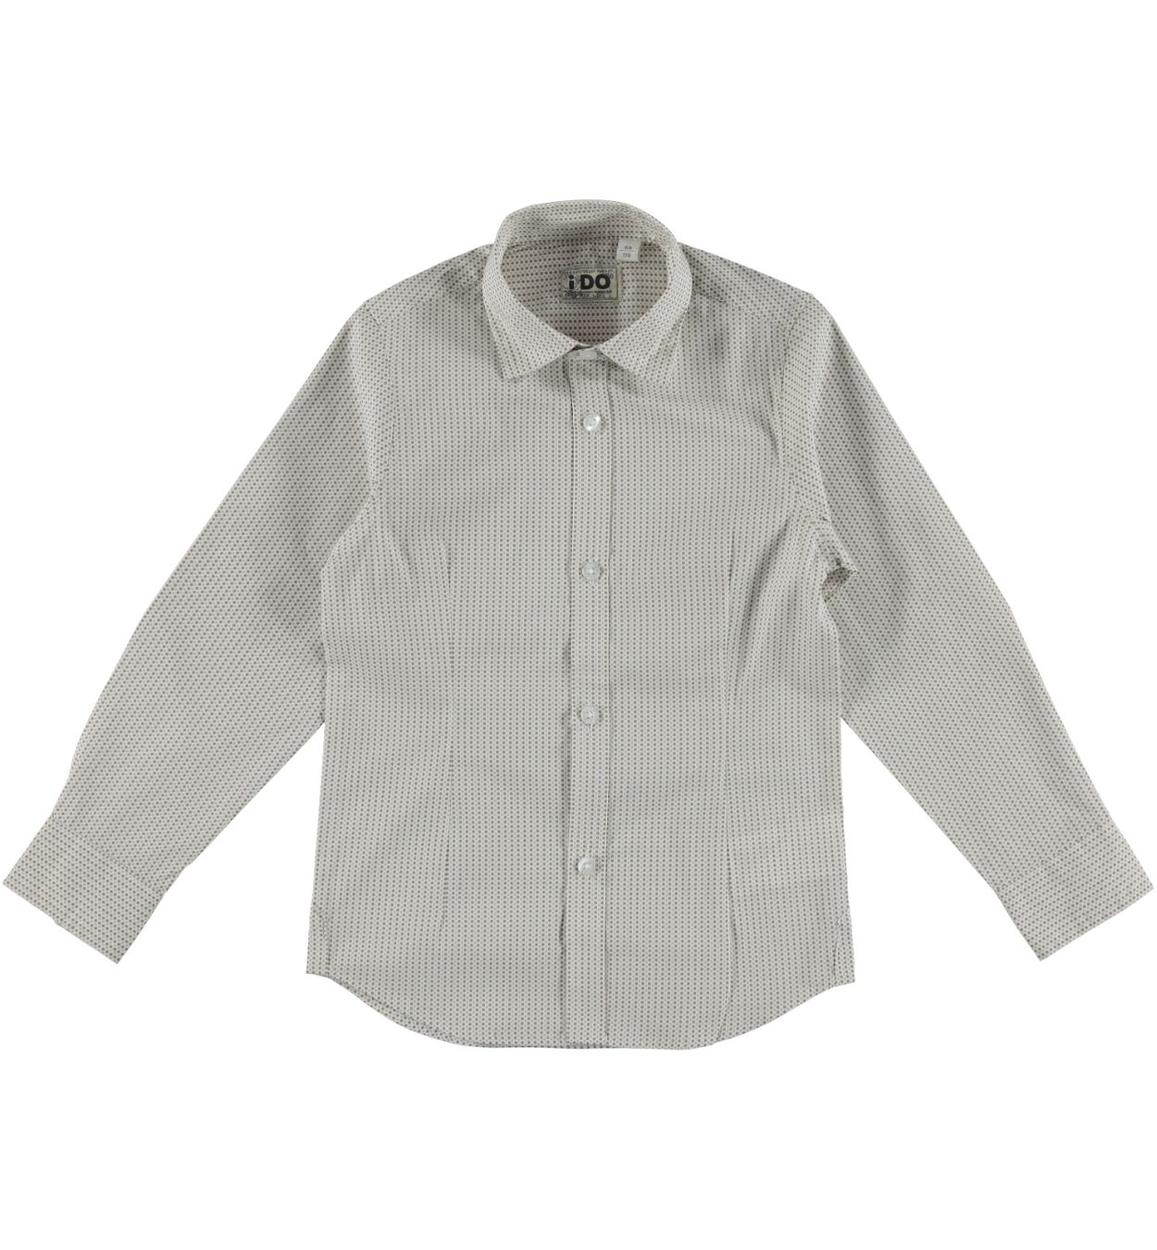 Camicia a manica lunga in cotone per bambino da 3 a 16 anni iDO ... 65c40038cfbc